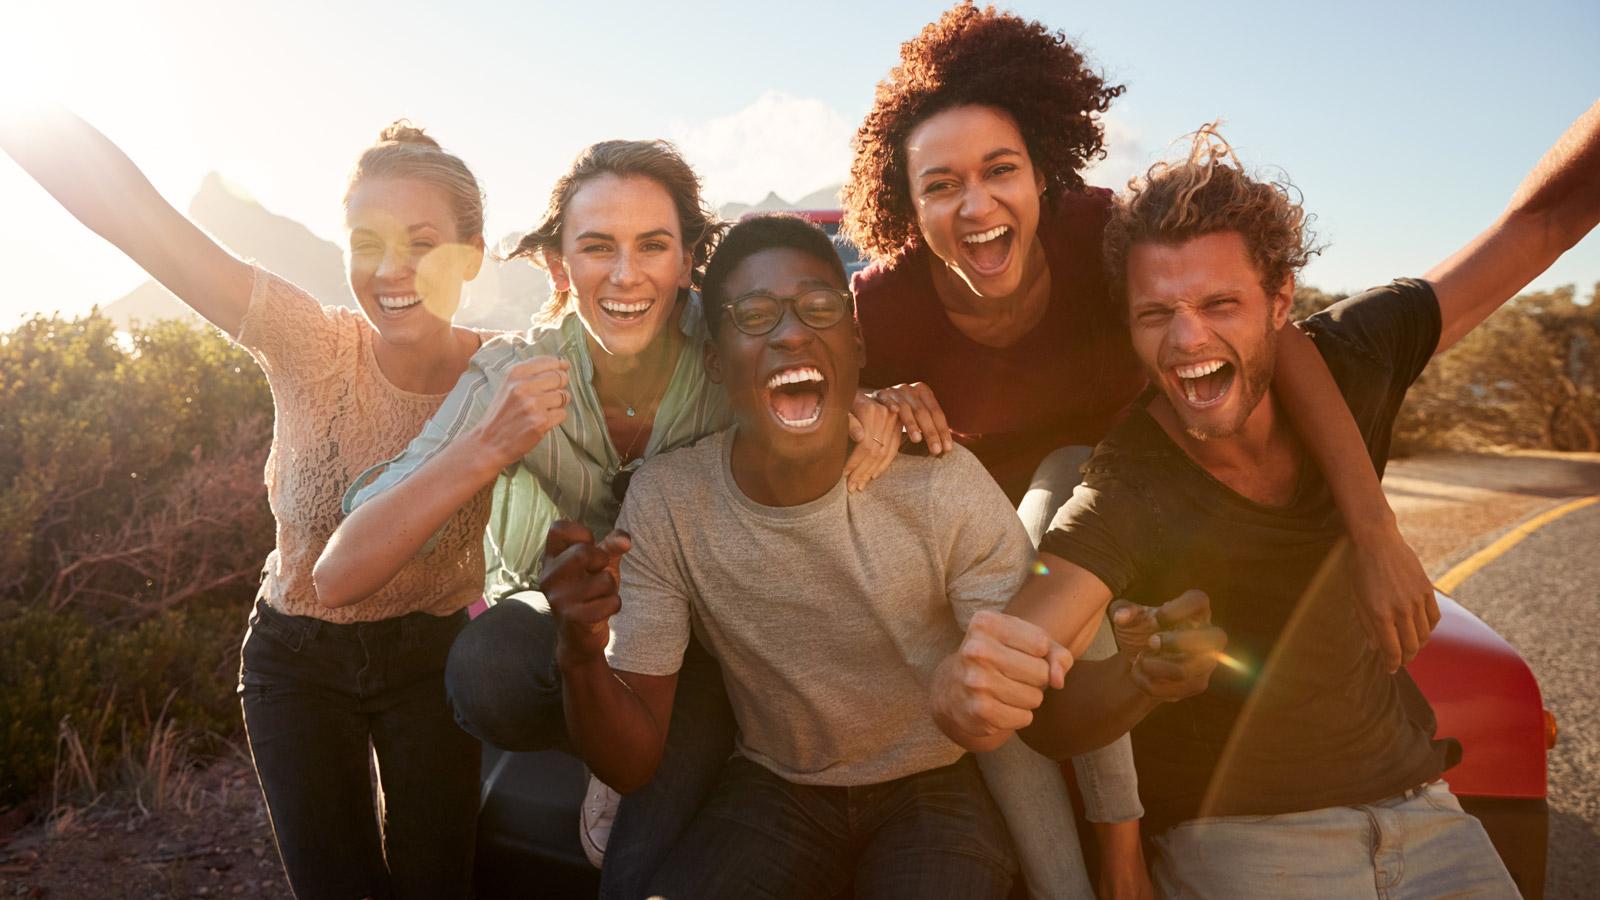 Milenialsi rezygnują z zakupów w sklepach stacjonarnych sklep mediarun milenialsi wakacje przyjaciele 2019